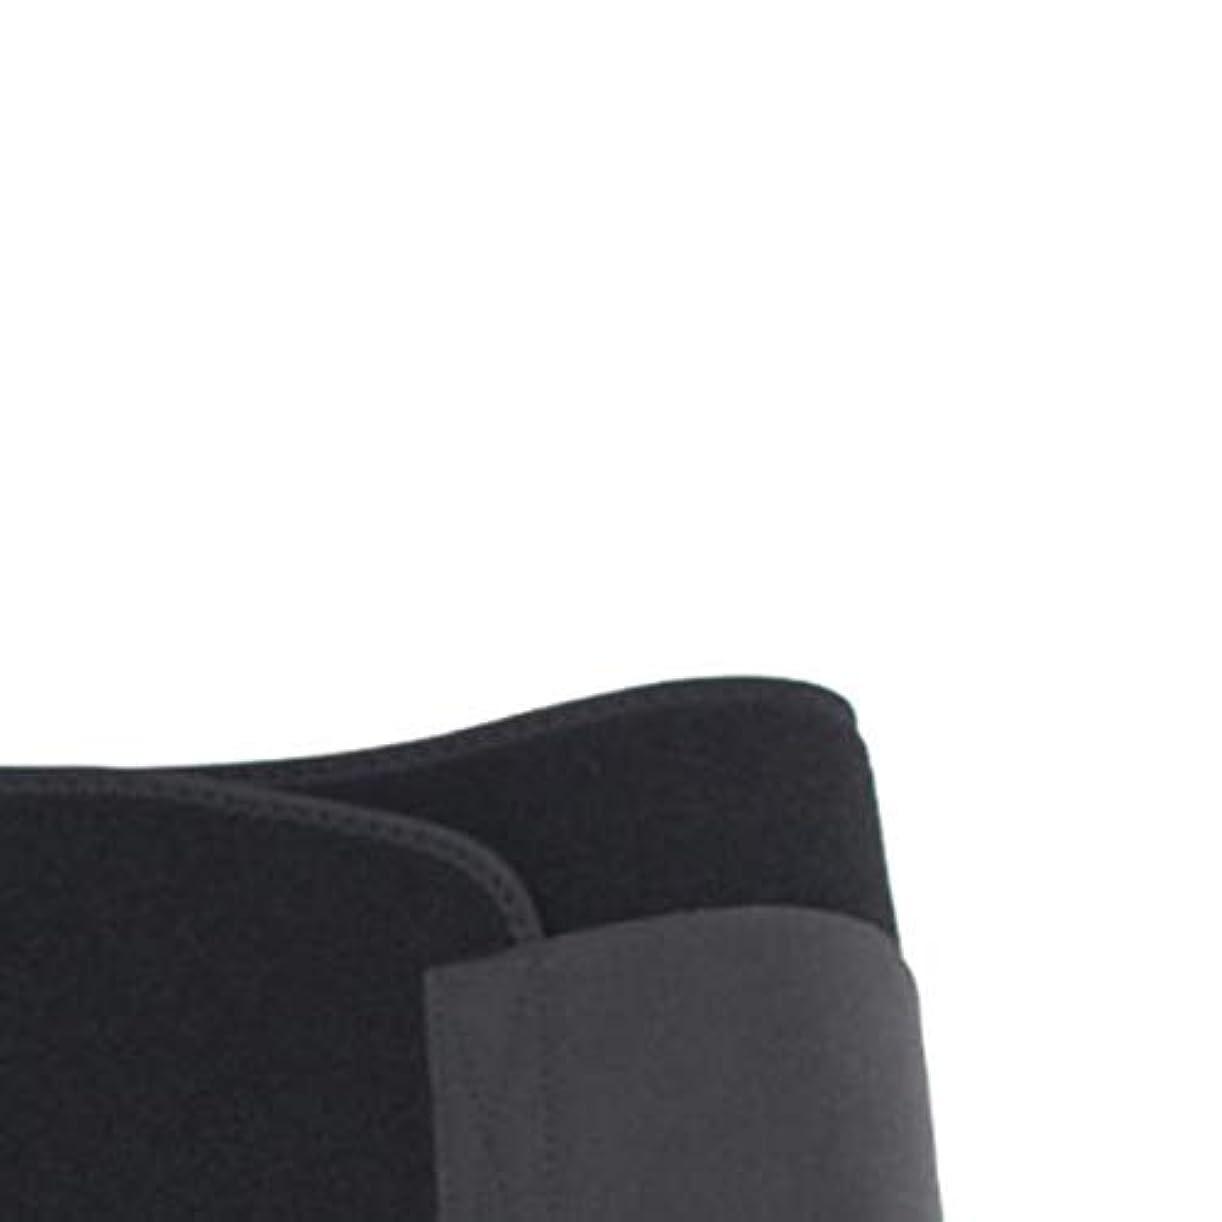 希望に満ちたウィザード補助金男性女性ウエストおなかスポーツボディシェイパーバンドベルトラップファットバーンスリミングエクササイズ用品ボディシェイピング(黒)